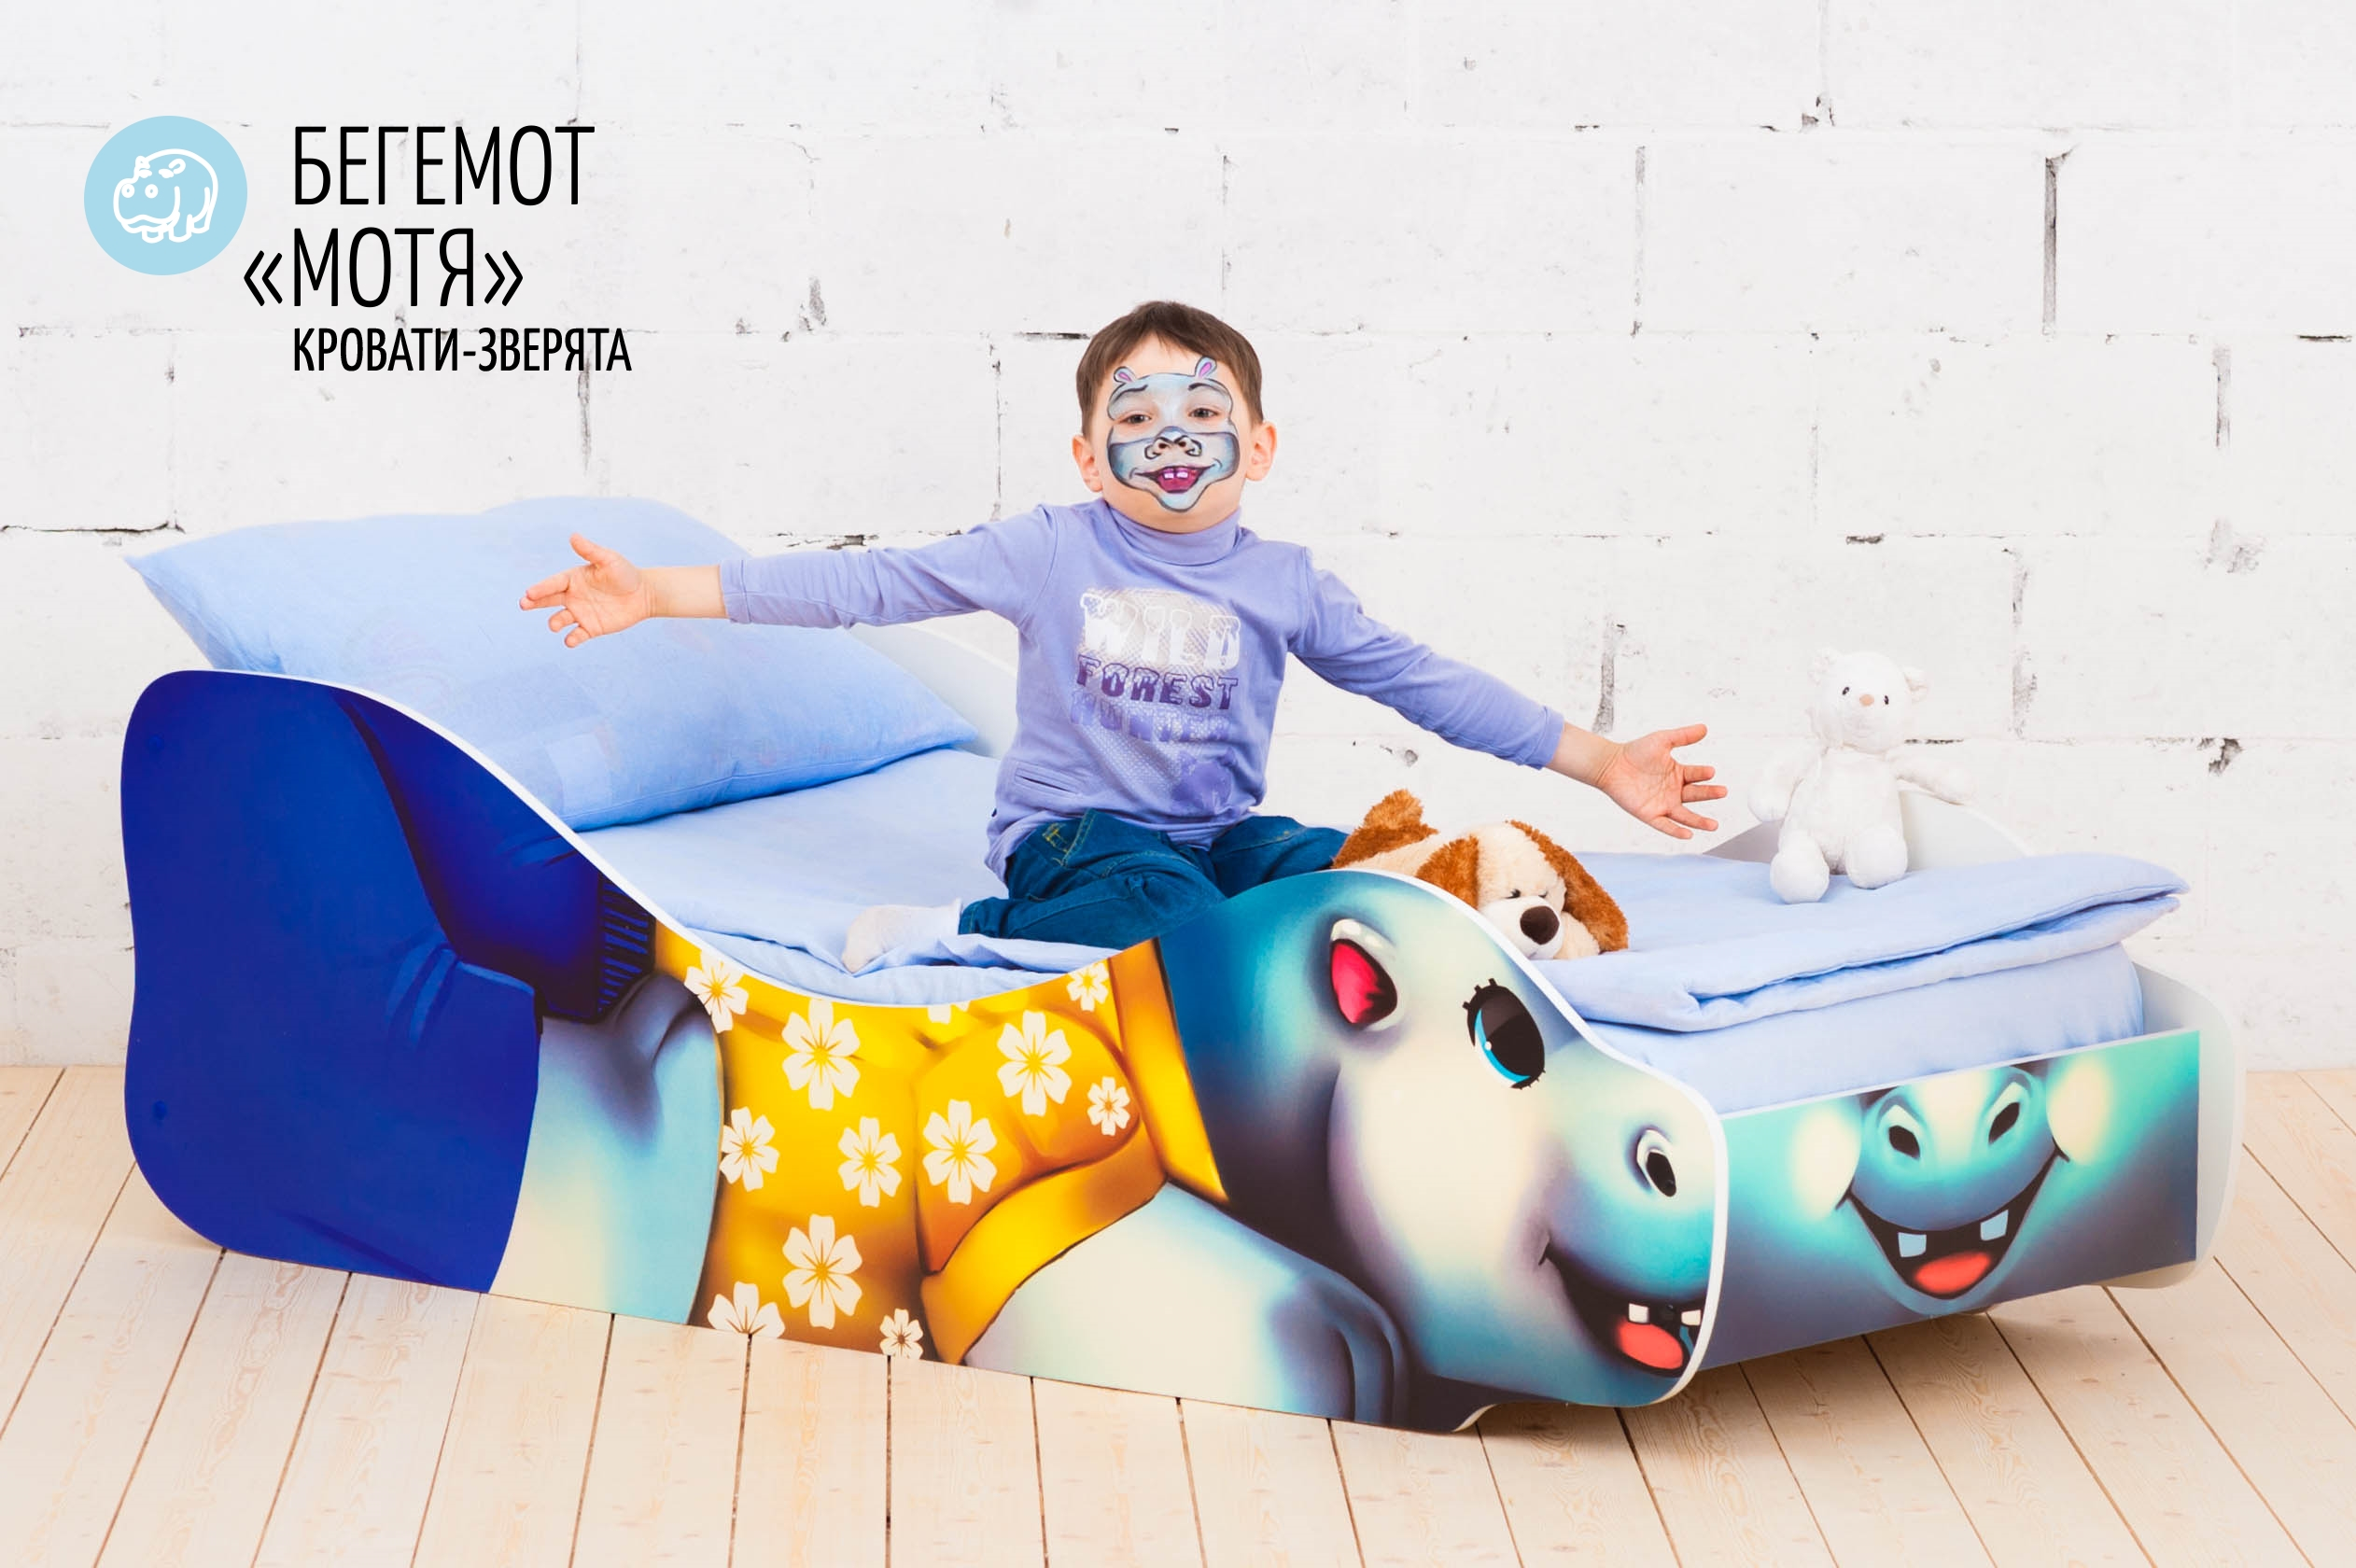 Детская кровать-зверенок -Бегемот-Мотя-17